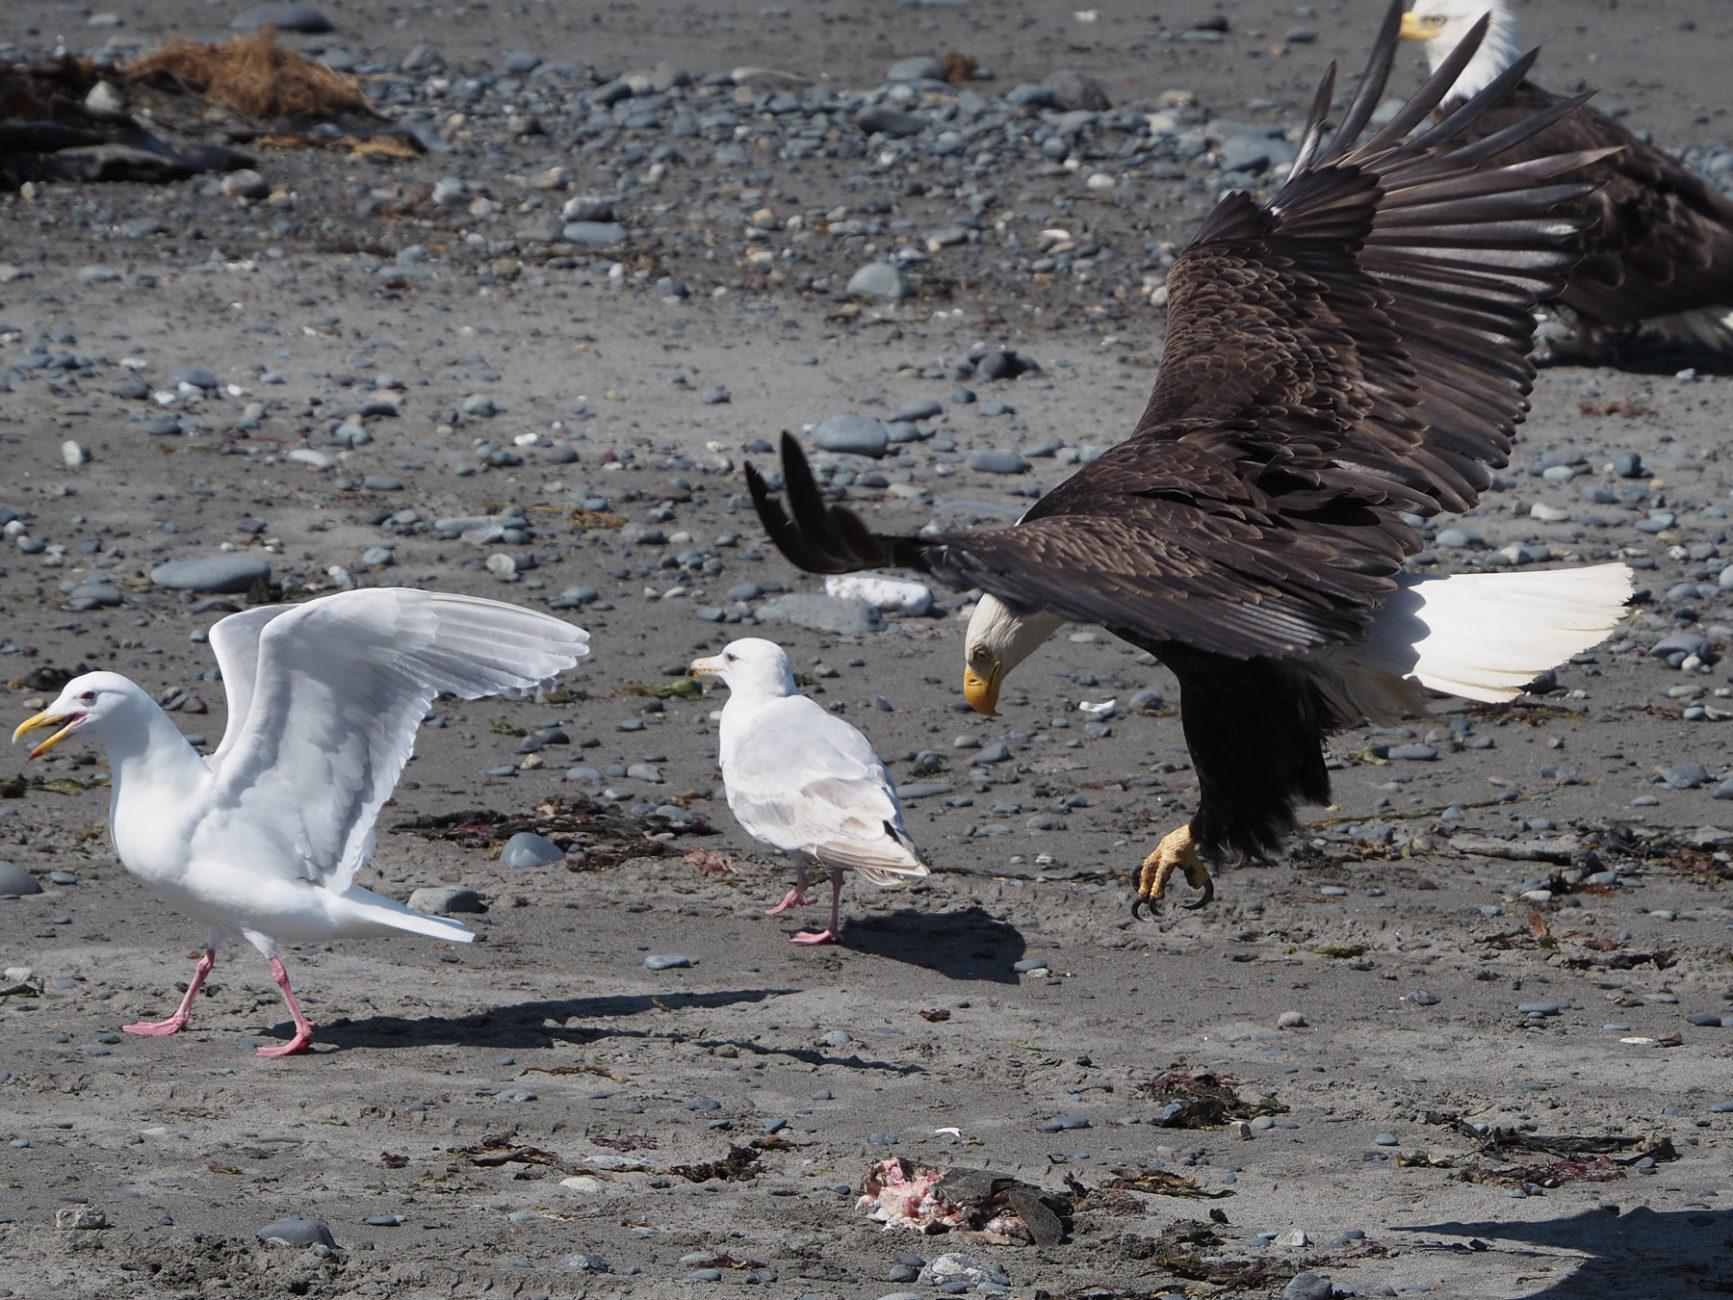 dieser Adler hat einen toten Fisch gefunden